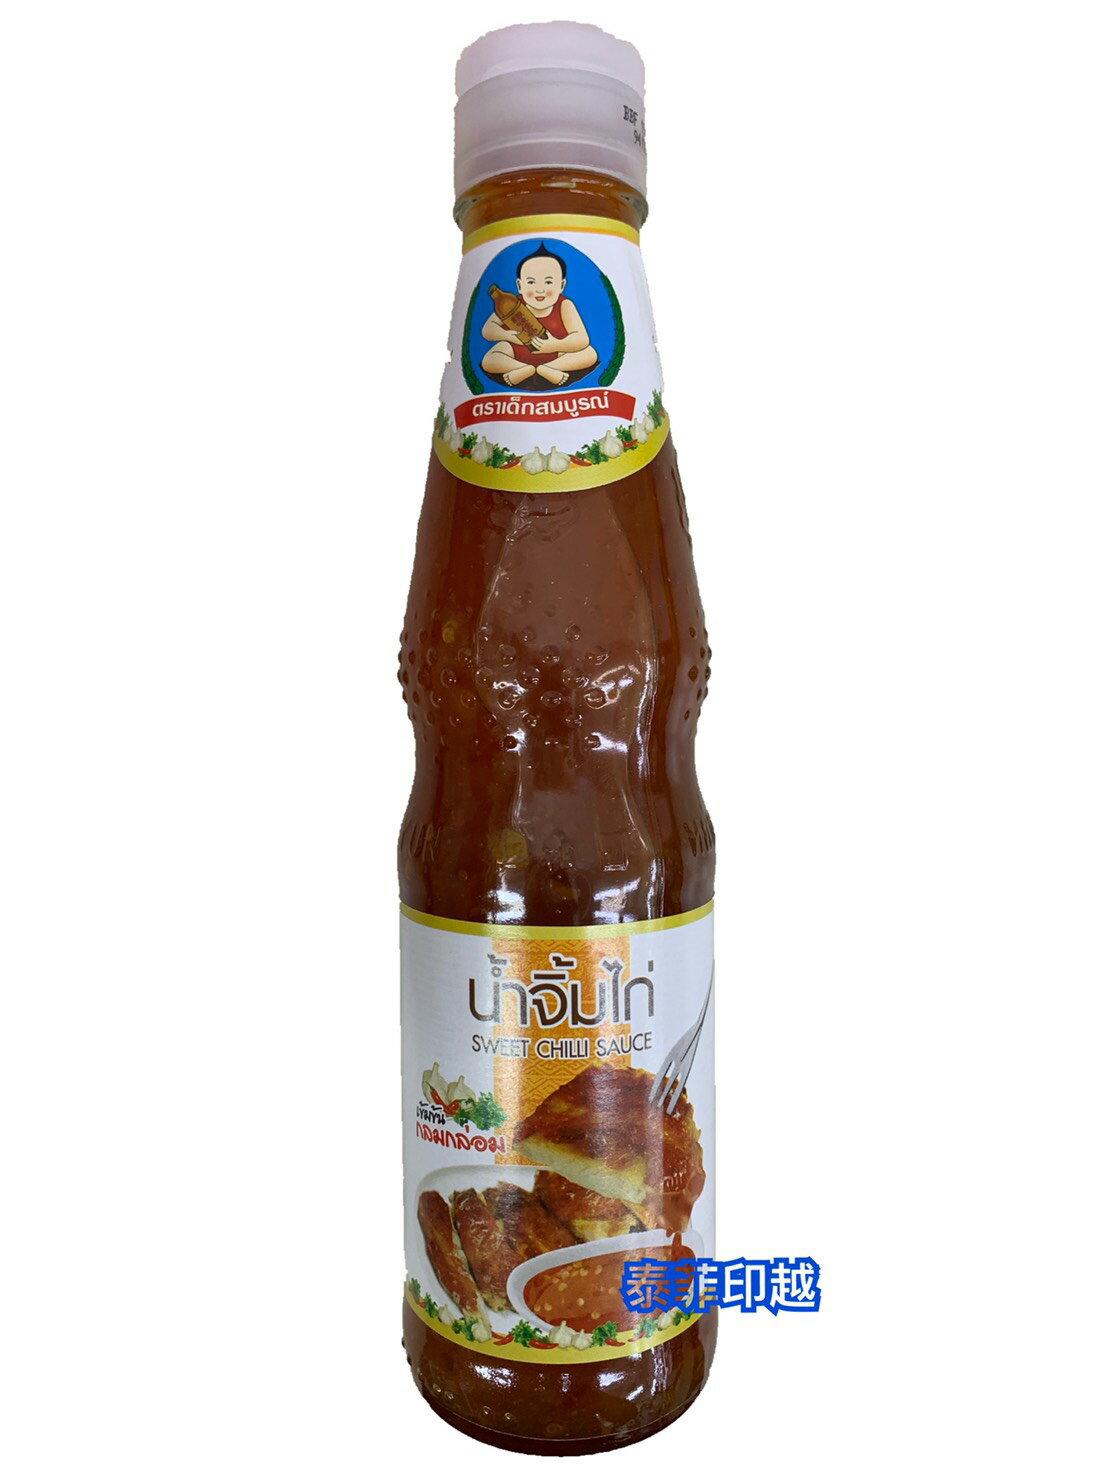 {泰菲印越} 泰國 仁和園 燒雞醬 甜雞醬 泰式甜辣醬 涼拌 月亮蝦餅沾醬350克